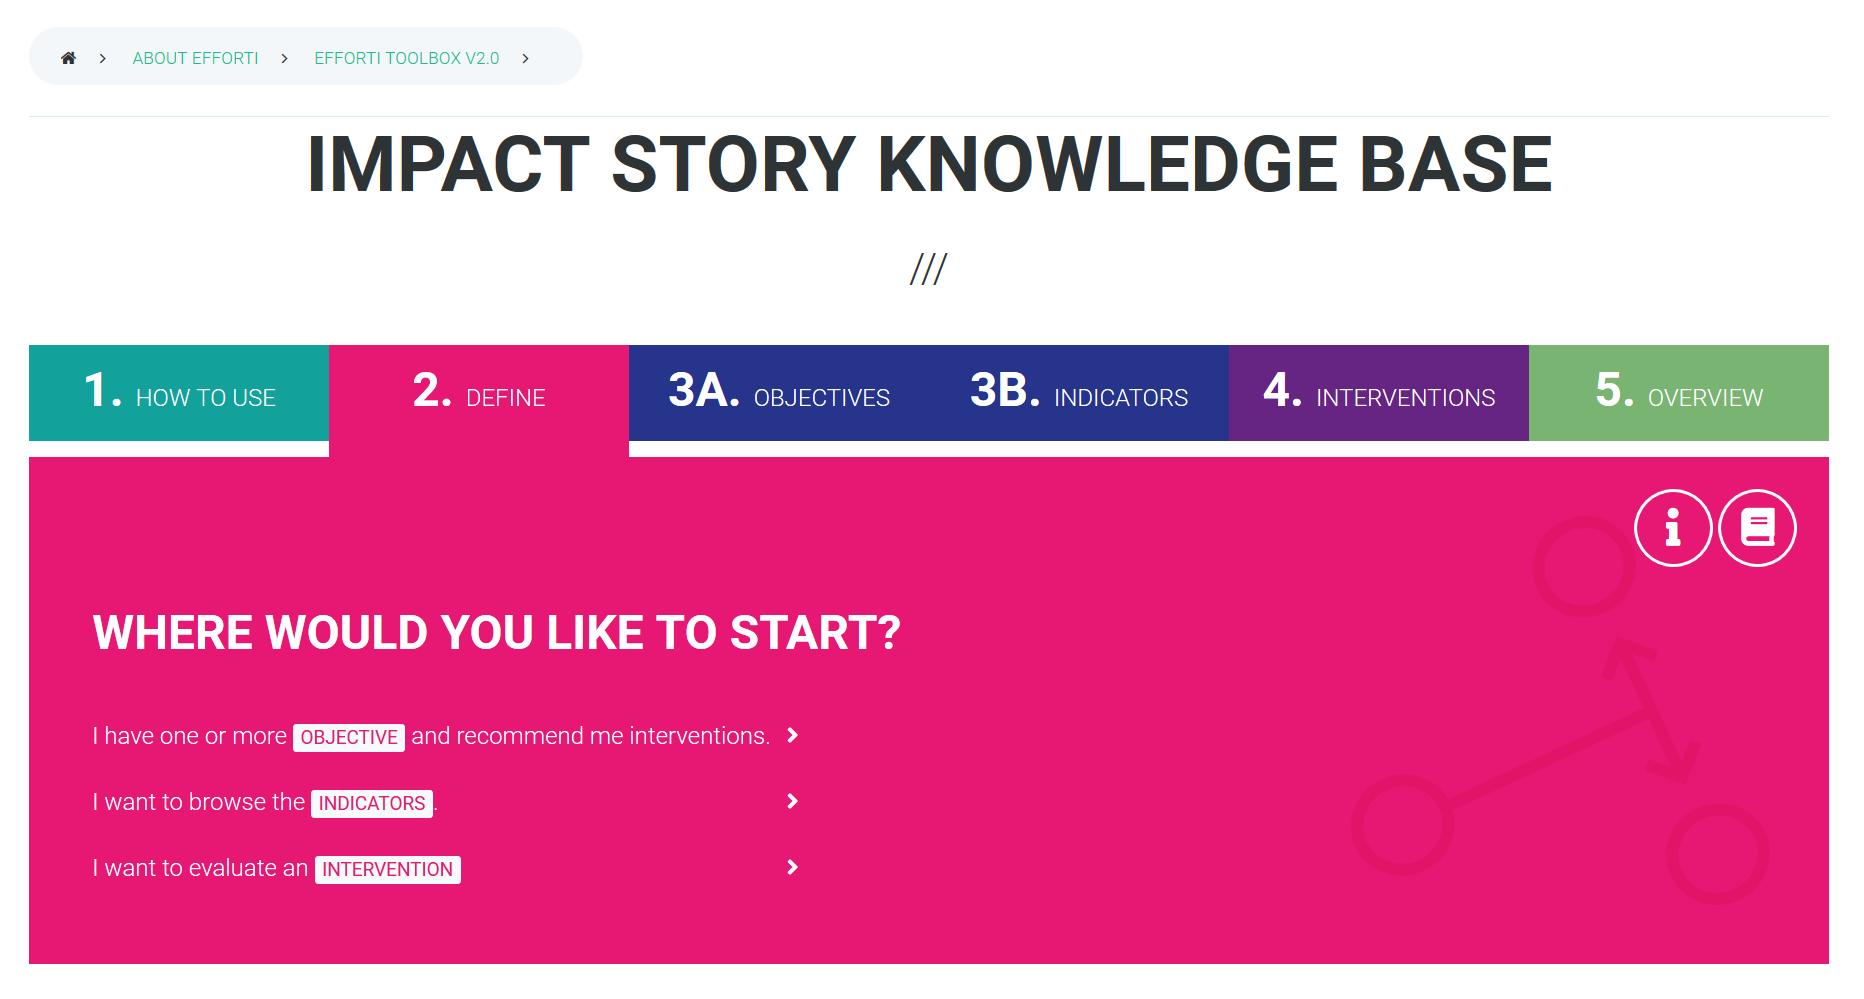 Benutzeroberfläche der Impact Story Knowledge Base.